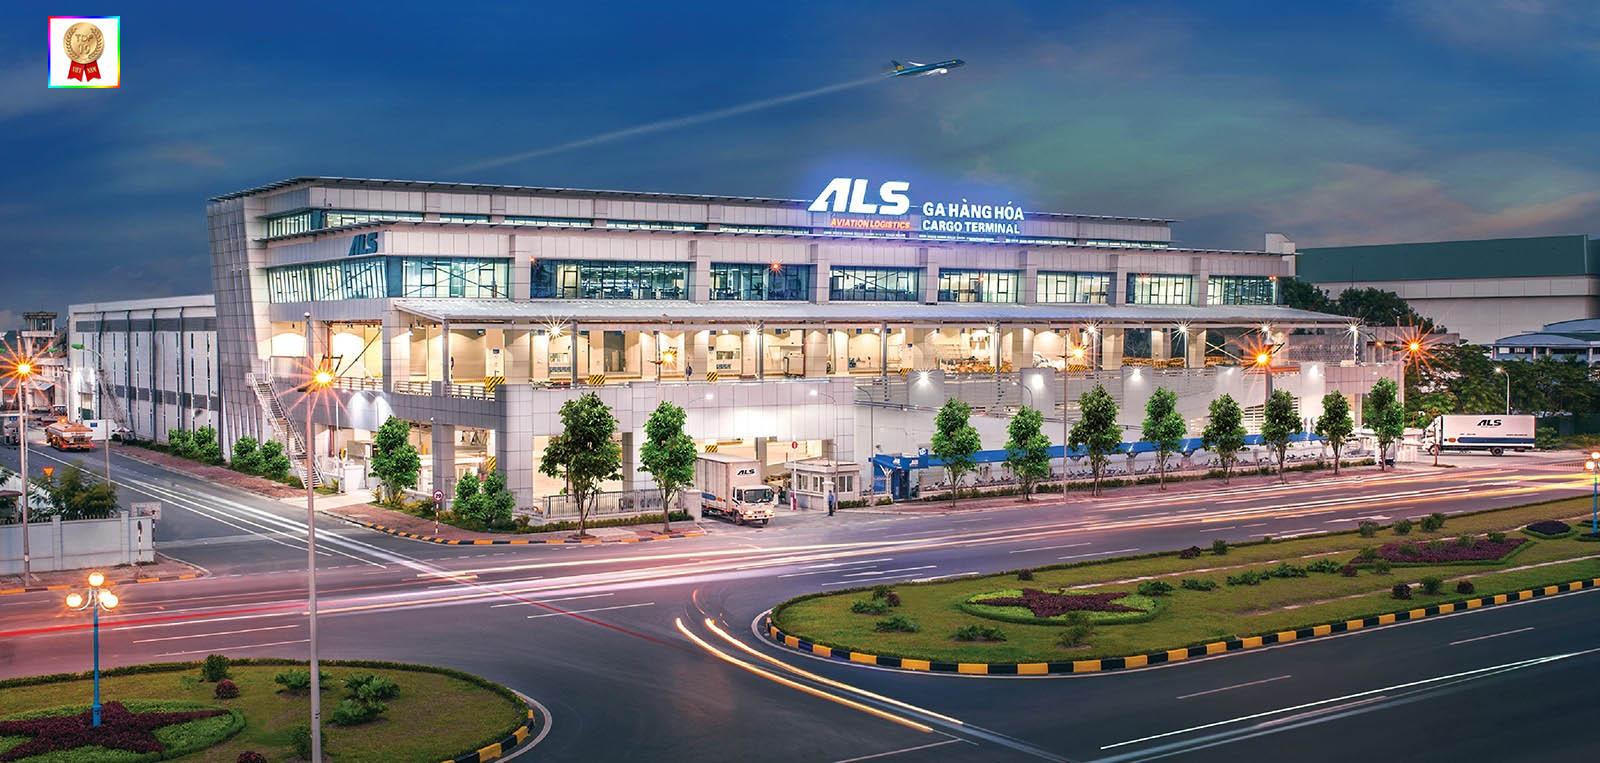 Dịch vụ Logistics lớn tại Hà Nội